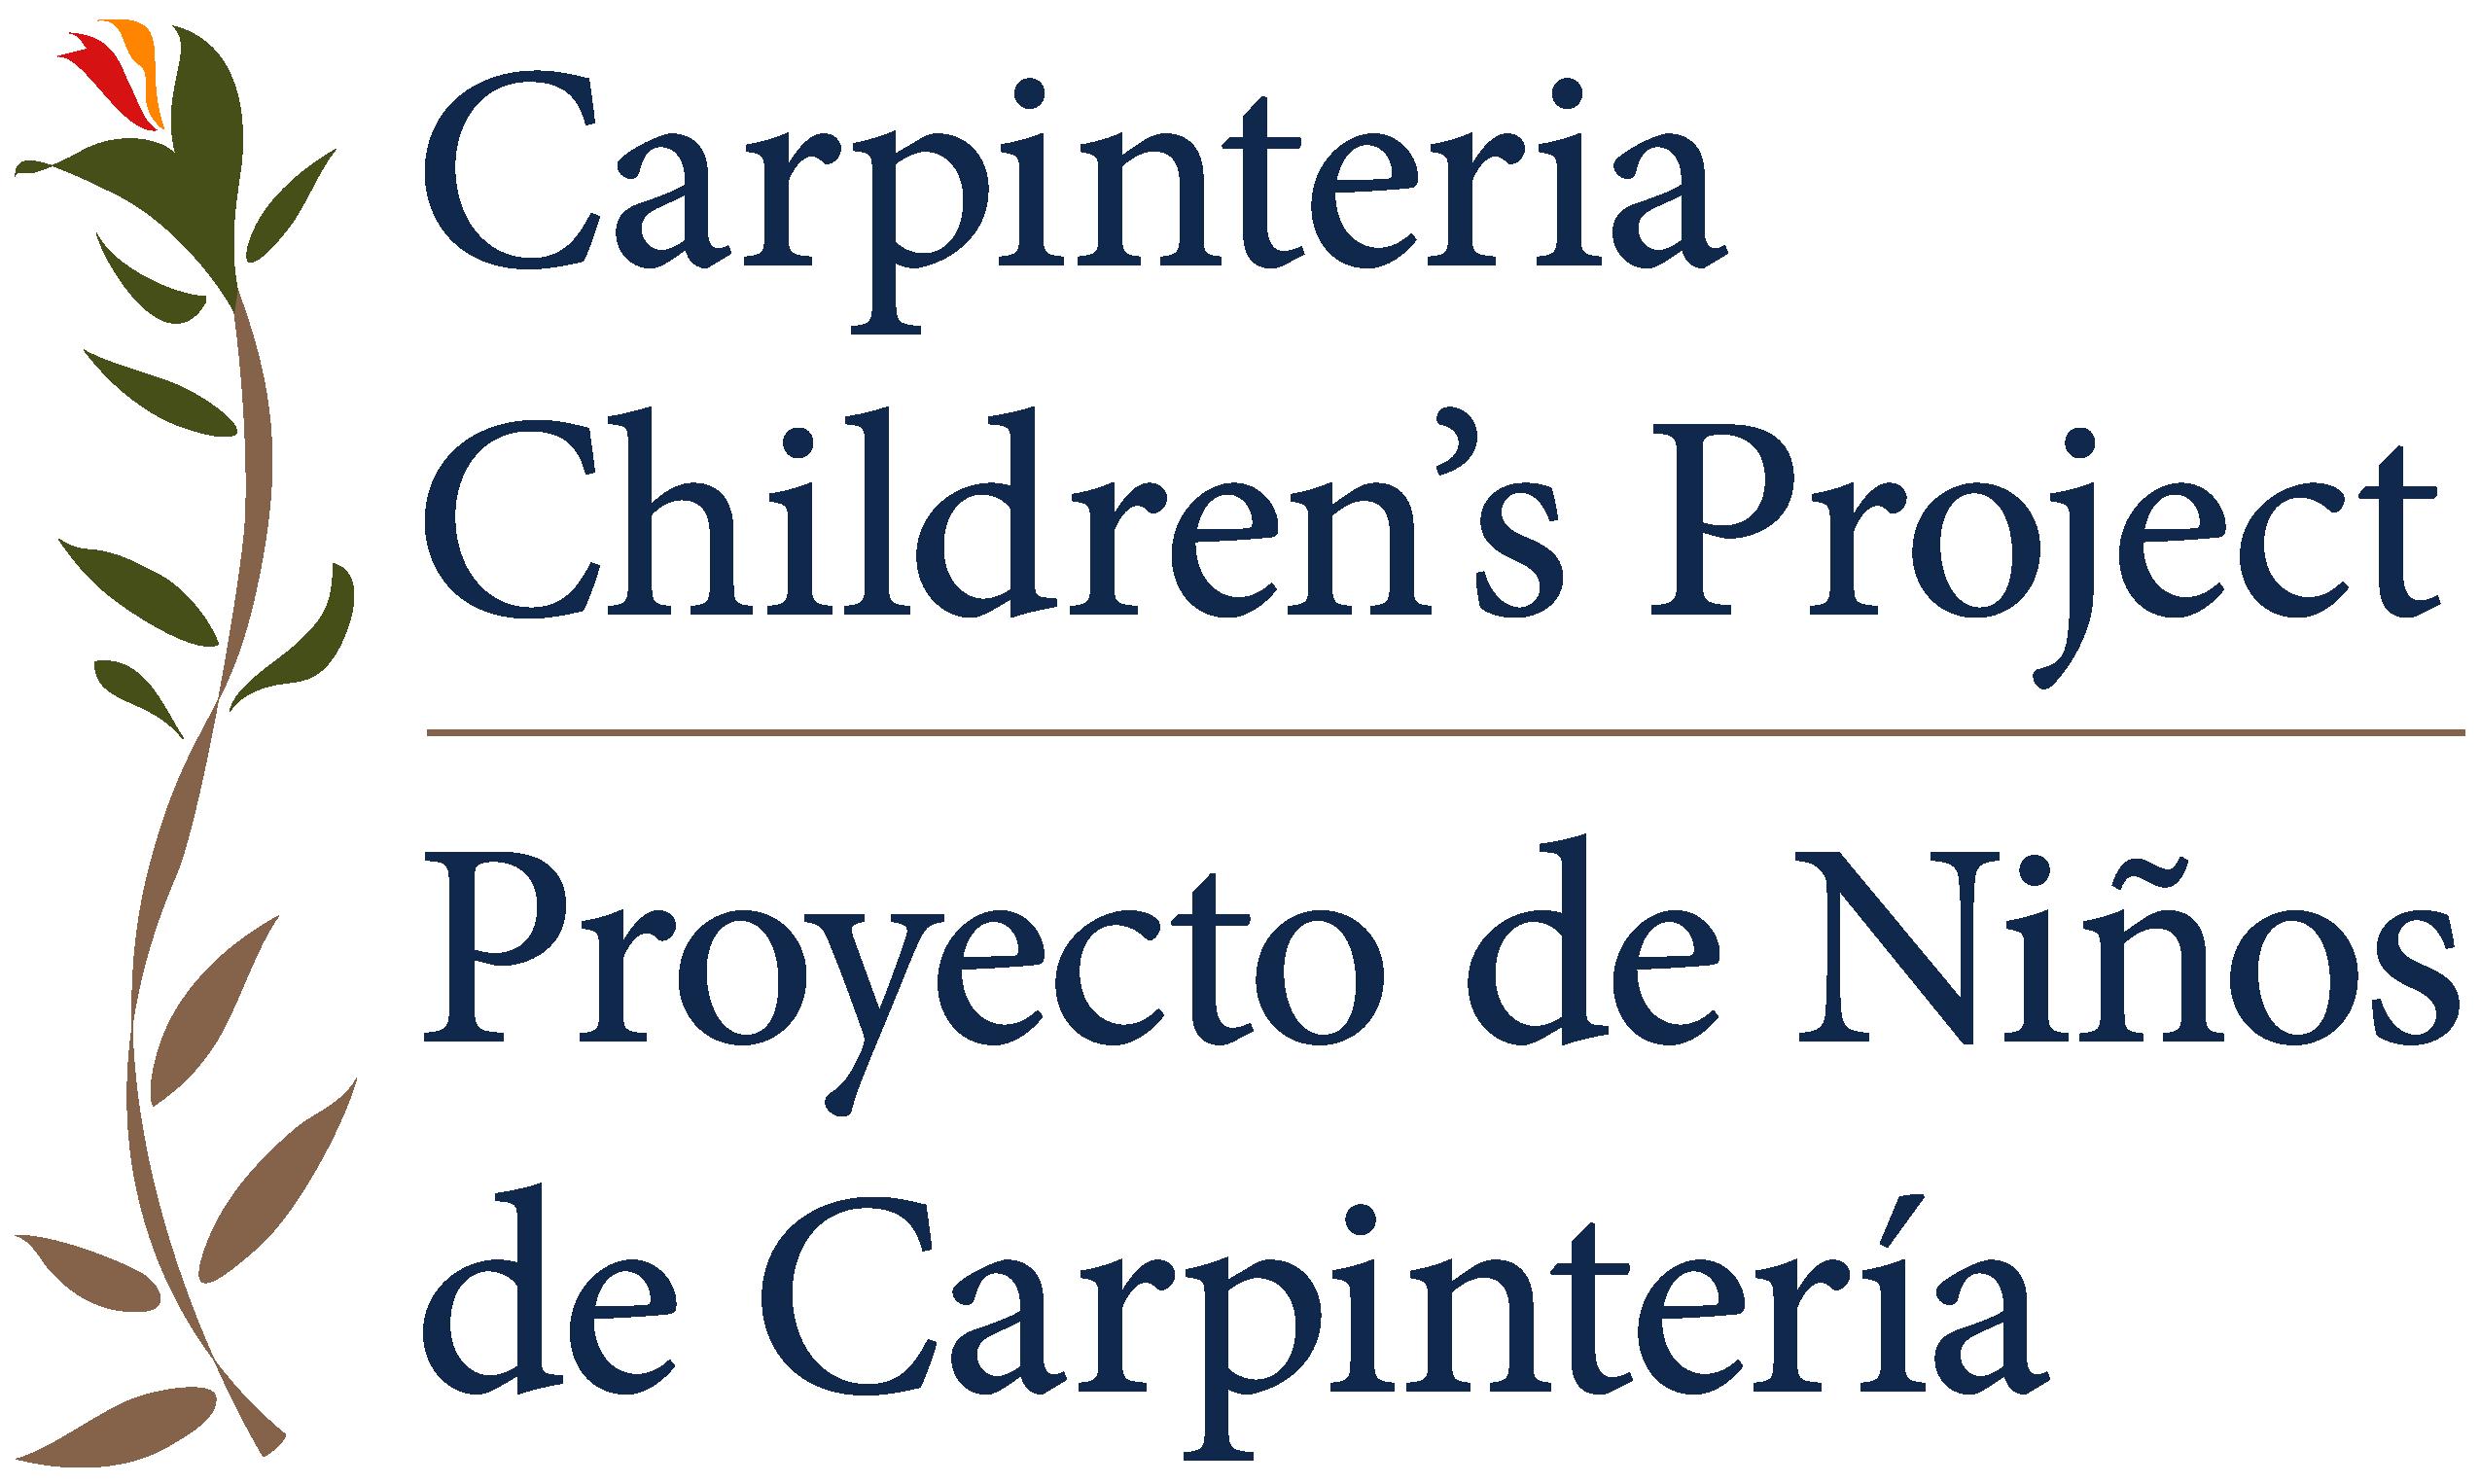 ccp-logo-new-bi-lingual-transparent--2-